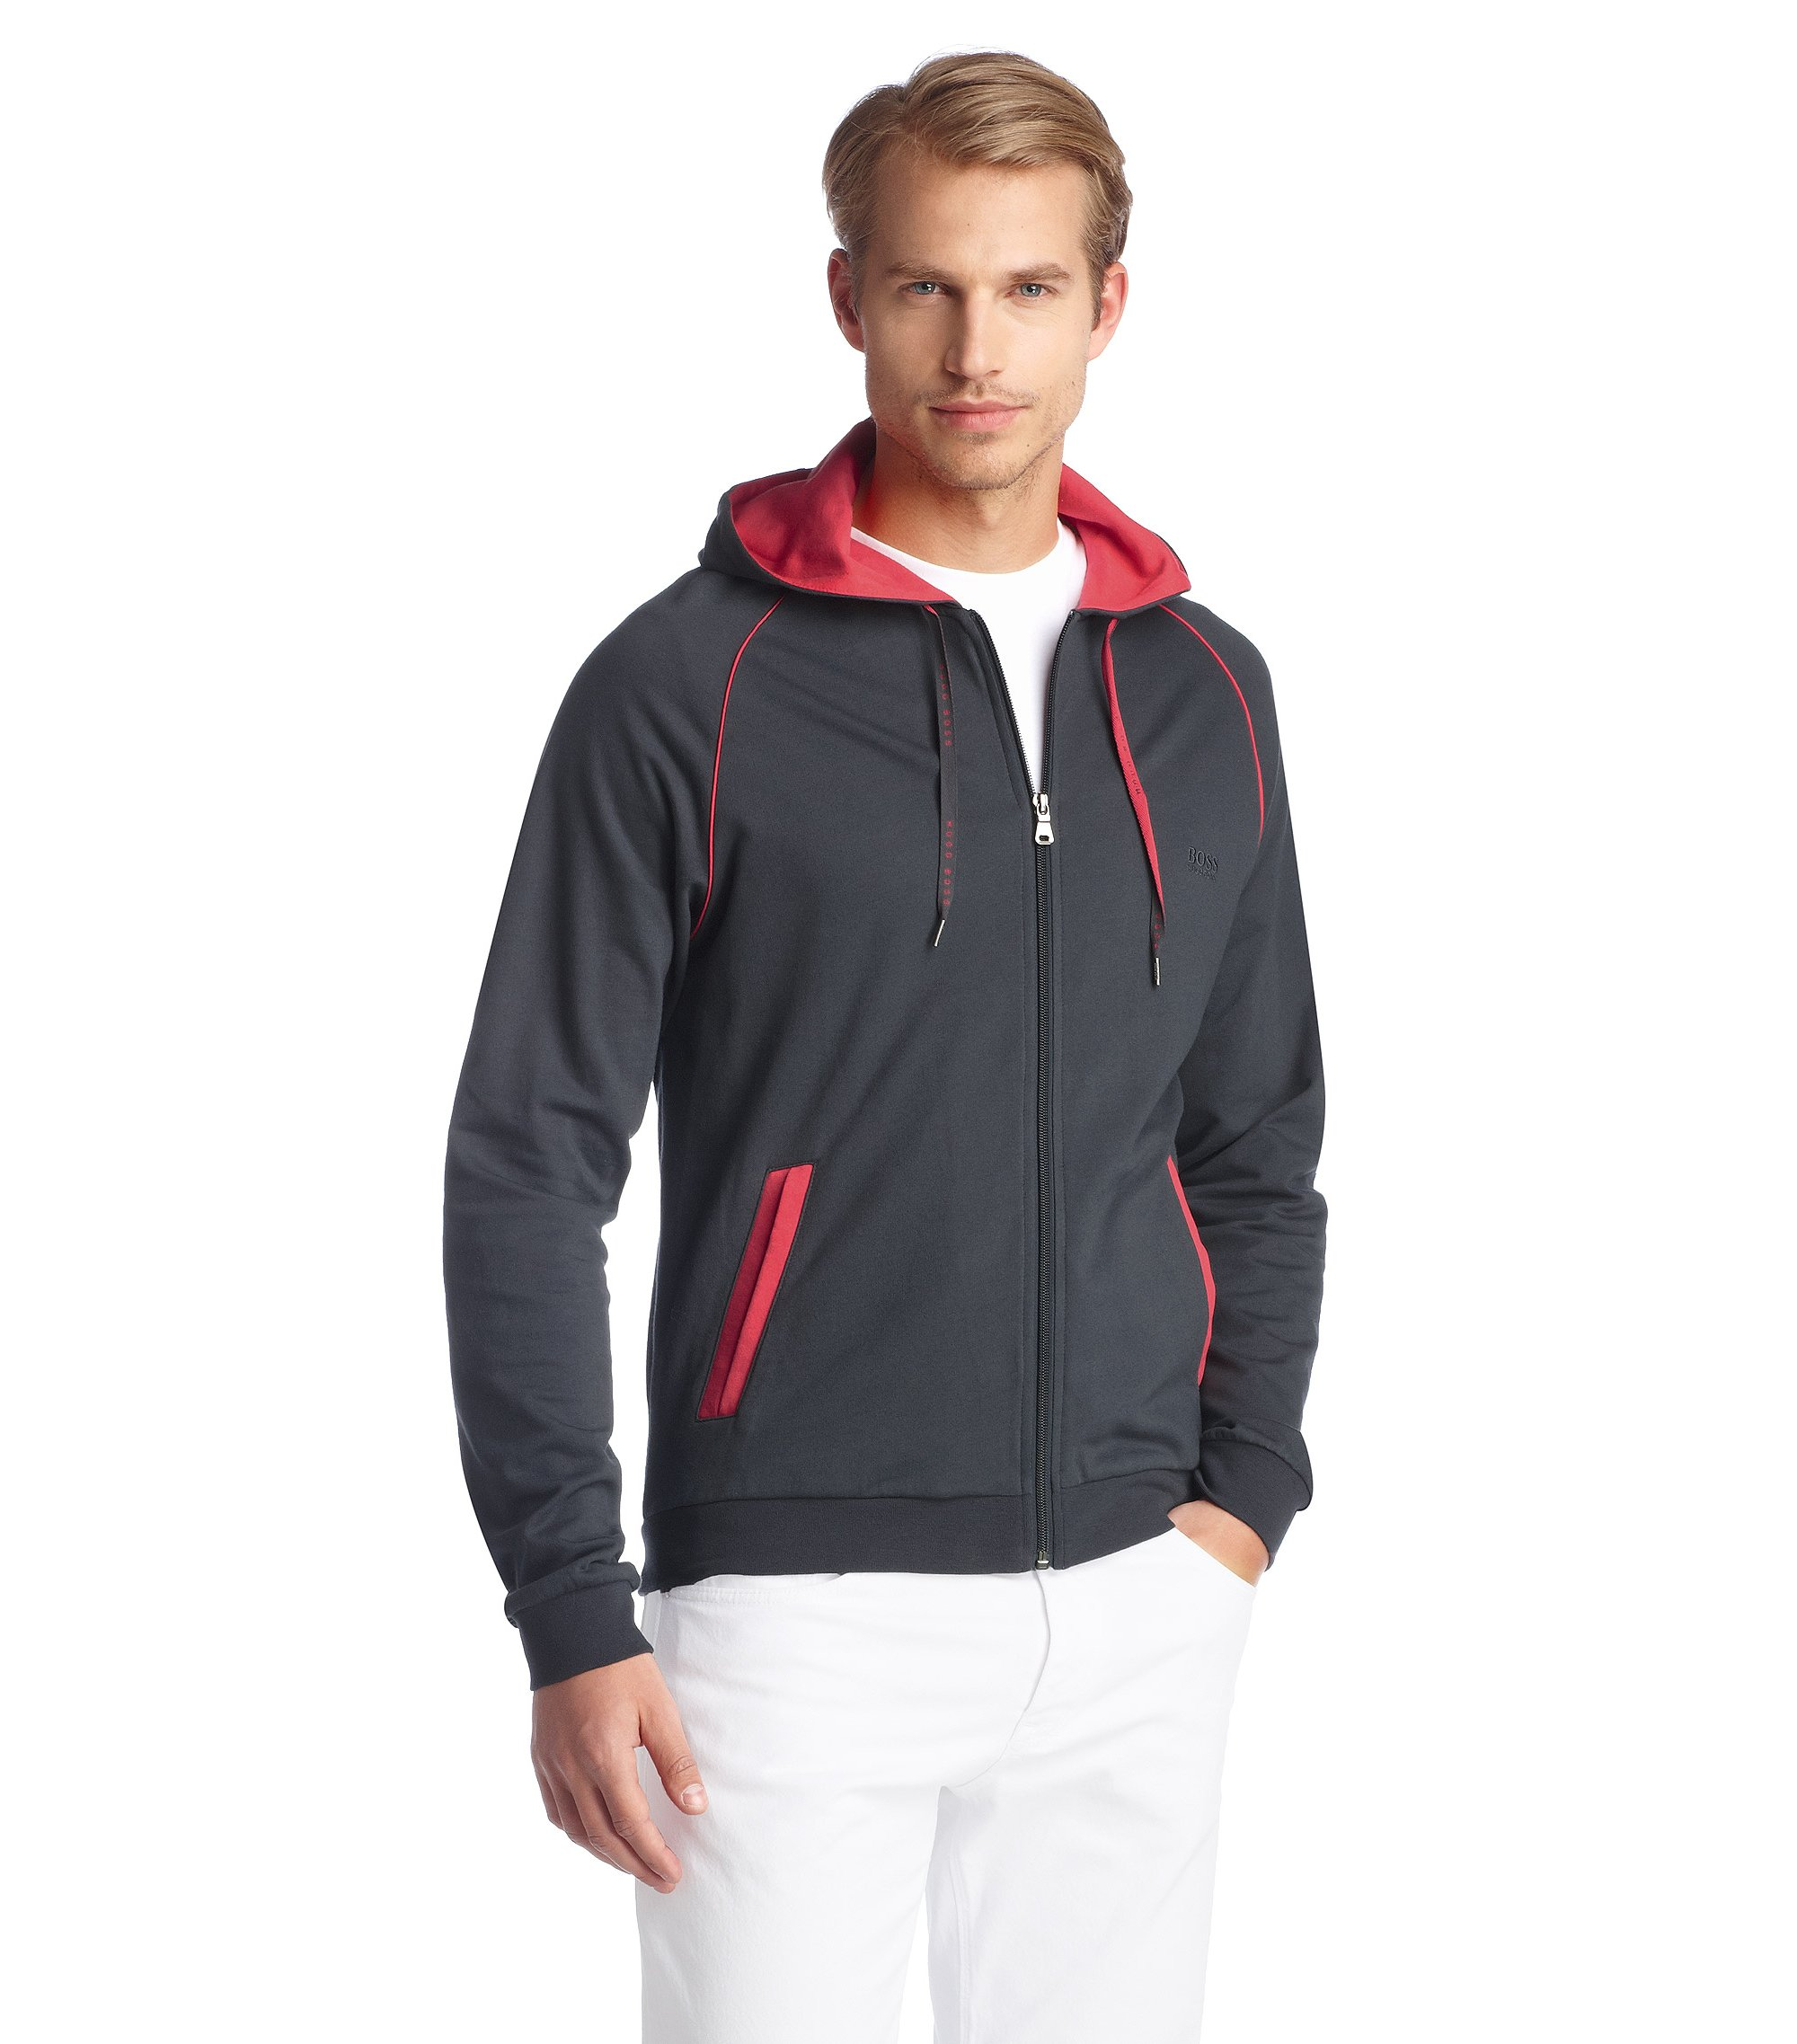 Veste molletonnée Regular Fit, Jacket Hooded BM, Anthracite